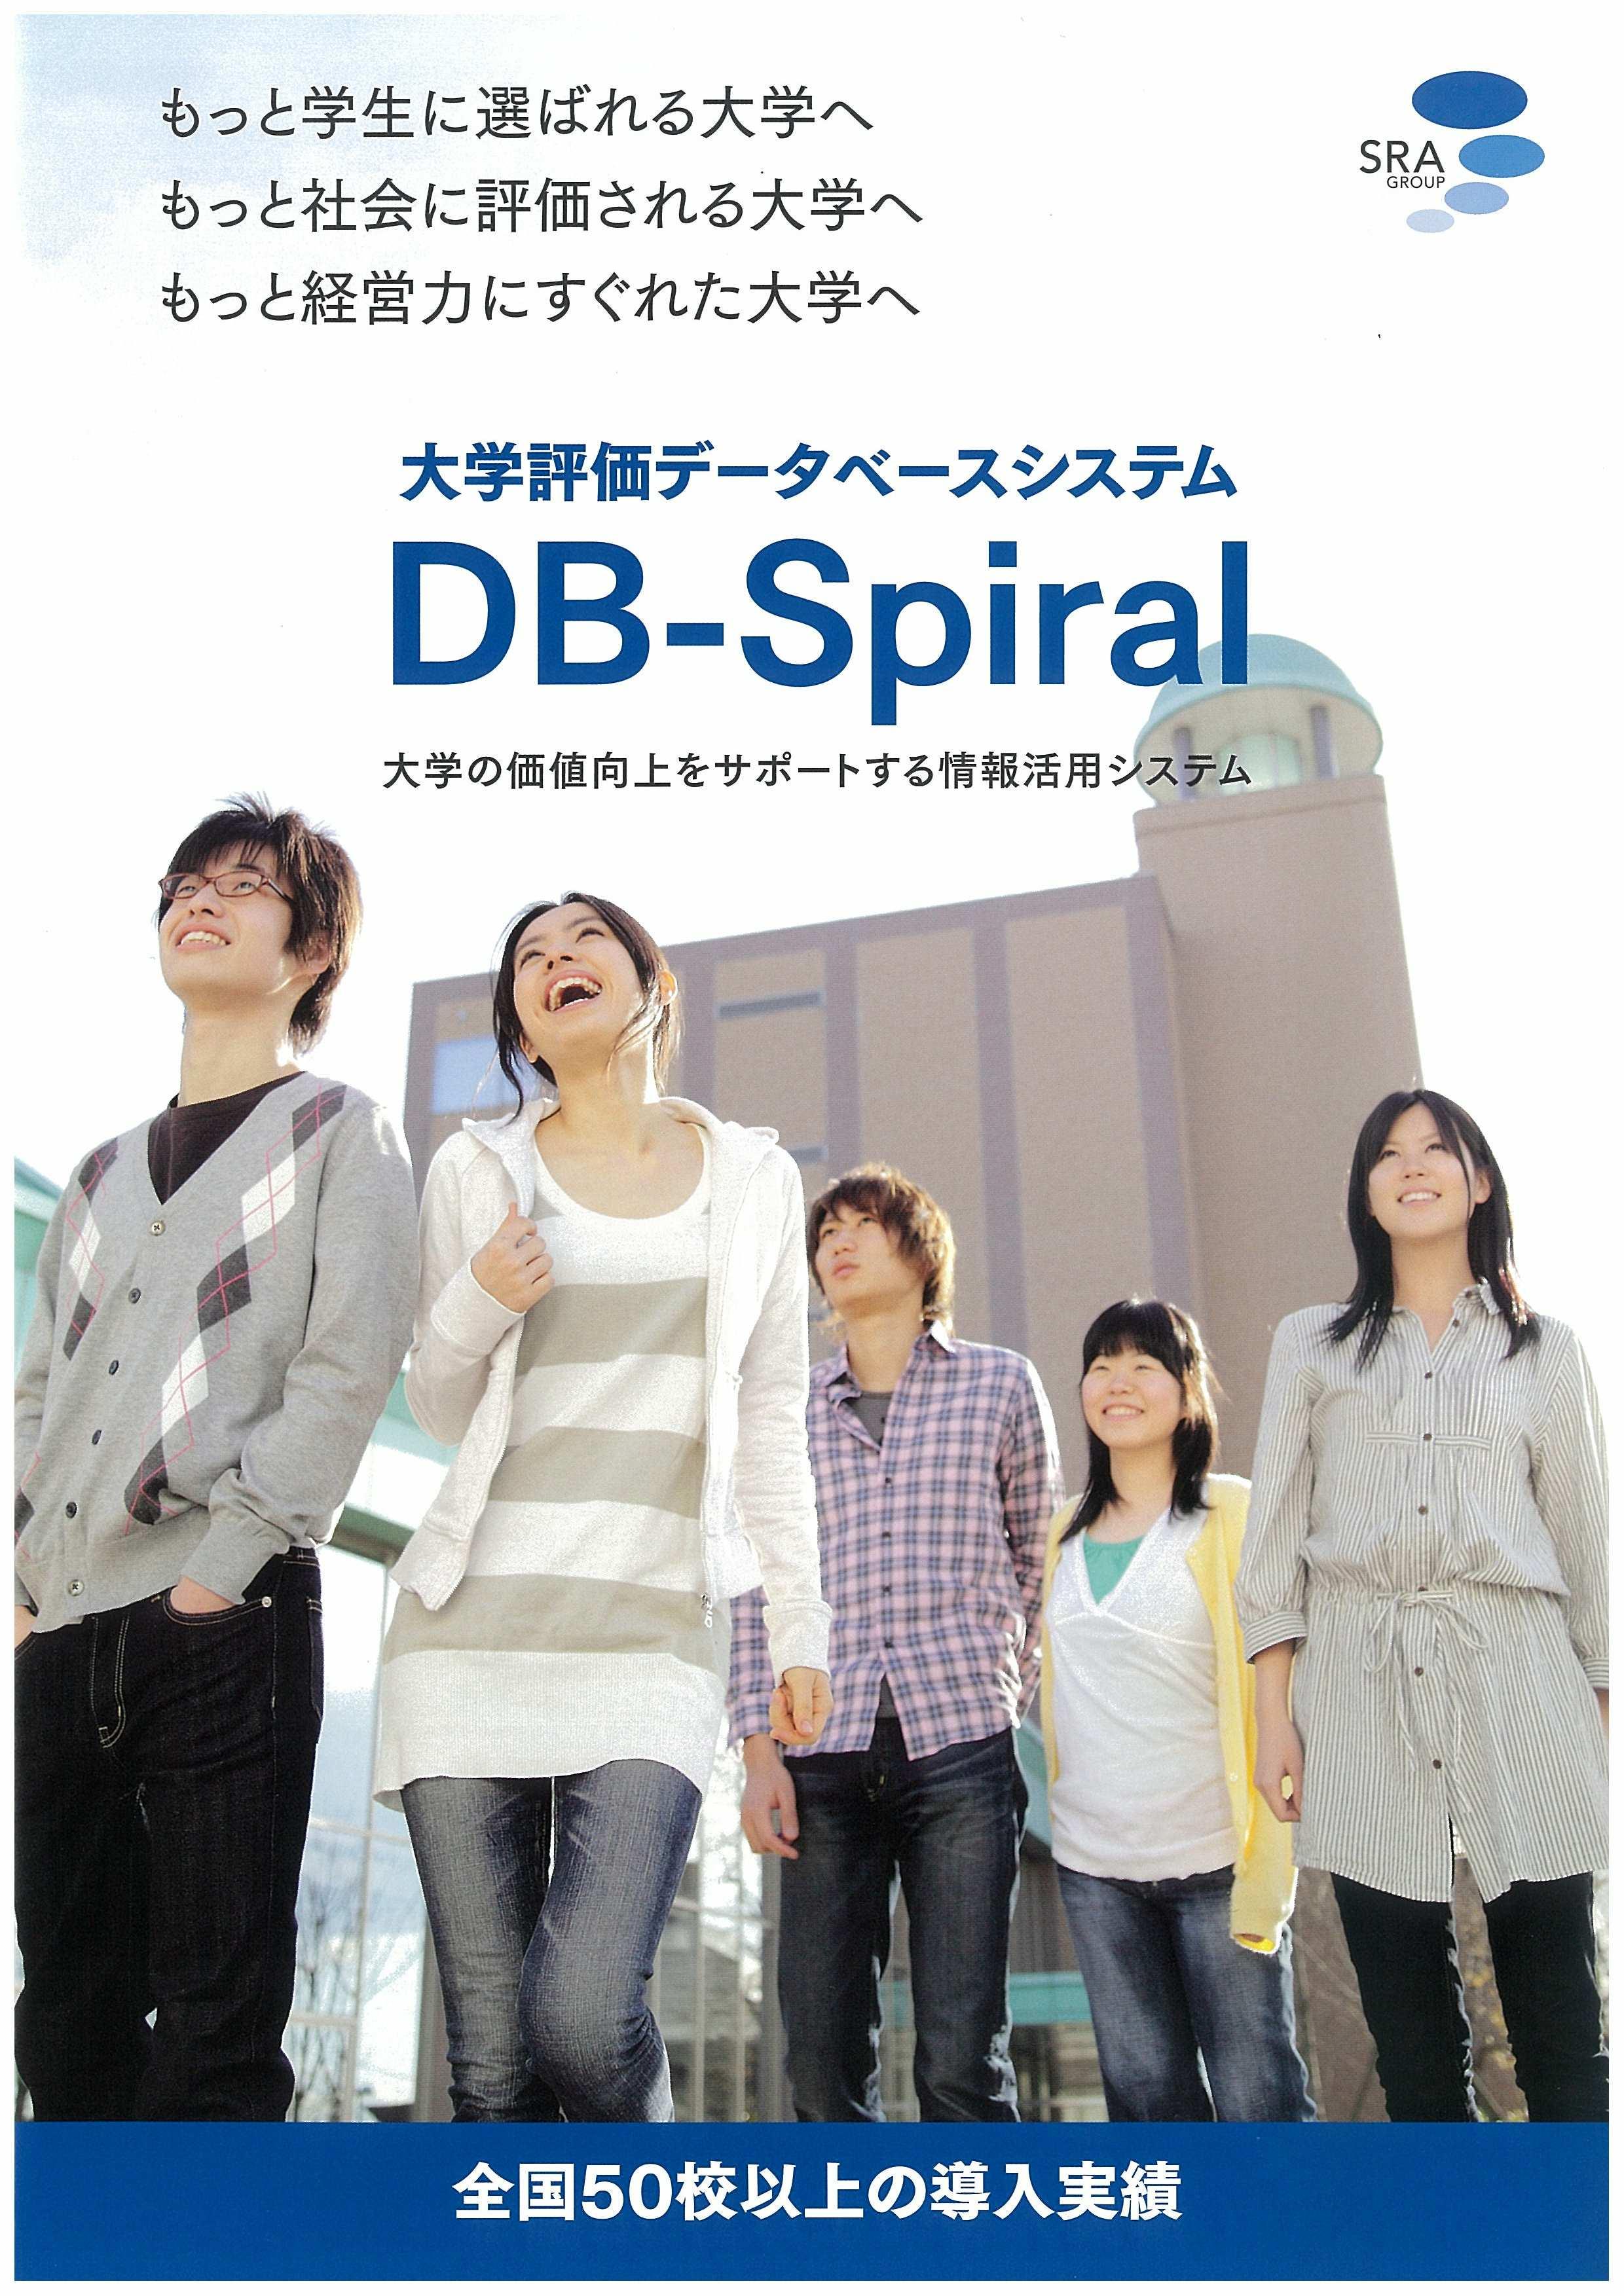 db-spiral%e3%83%81%e3%83%a9%e3%82%b7